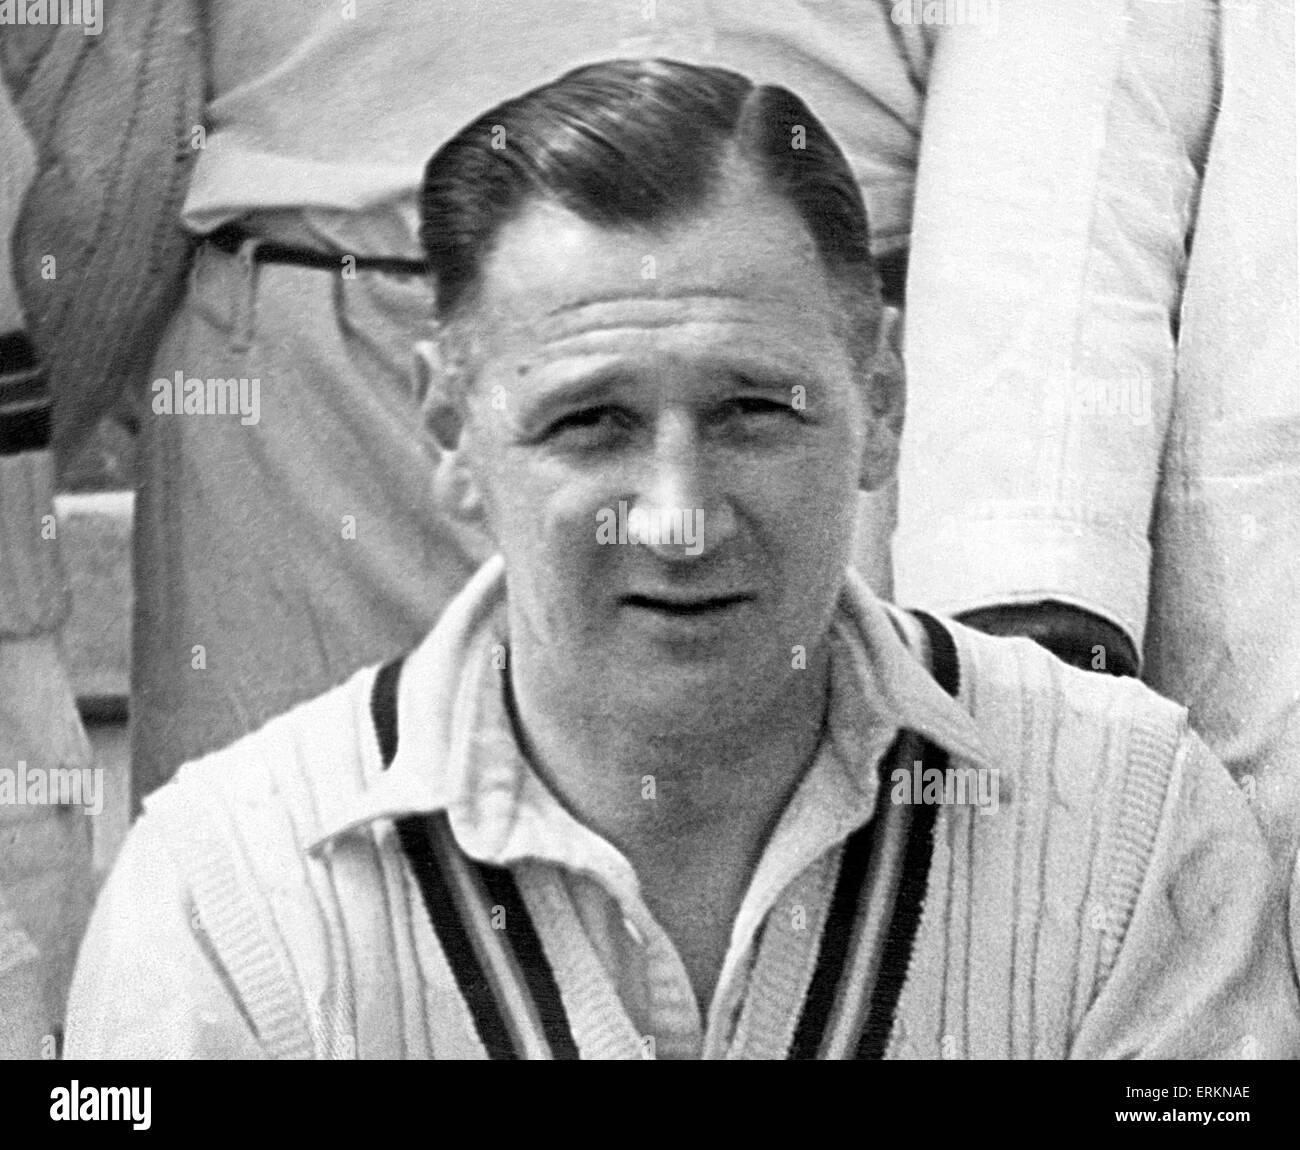 William Eric Houghton (29 giugno 1910 - 1 Maggio 1996) era un calciatore inglese e manager. Eric Houghton è Immagini Stock